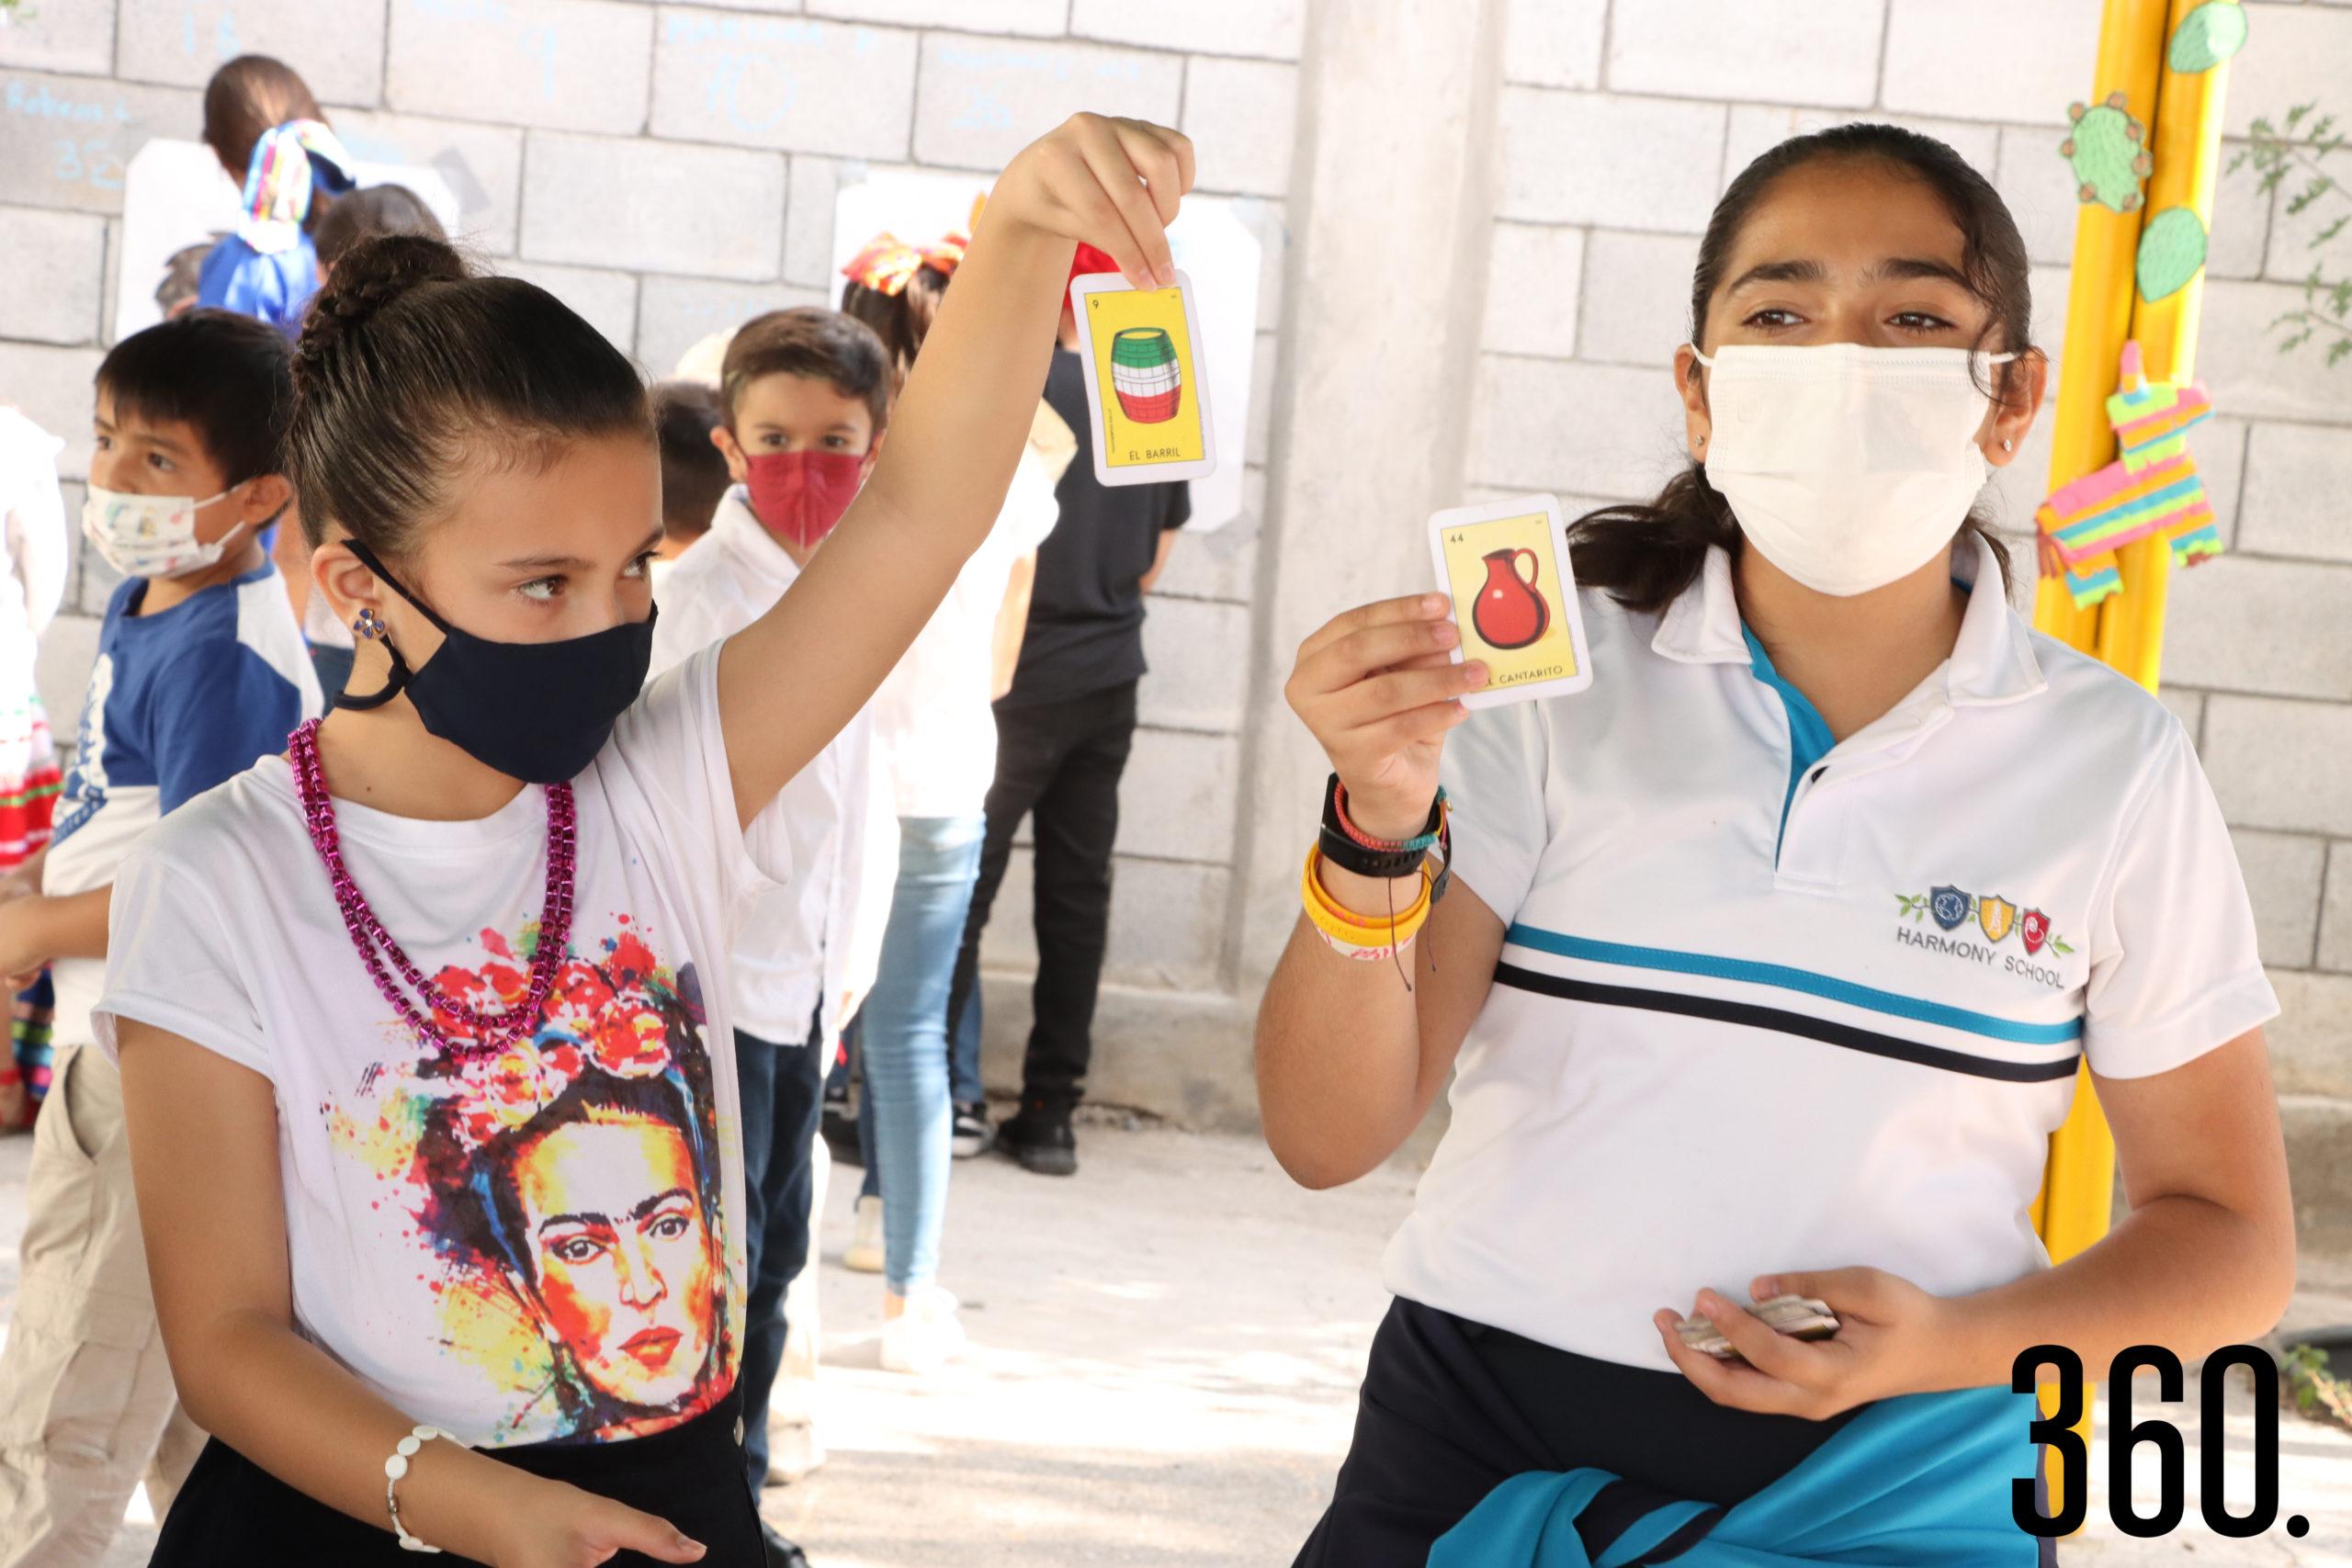 Naomi Almeida y Marina Padrón leen las cartas durante la lotería.